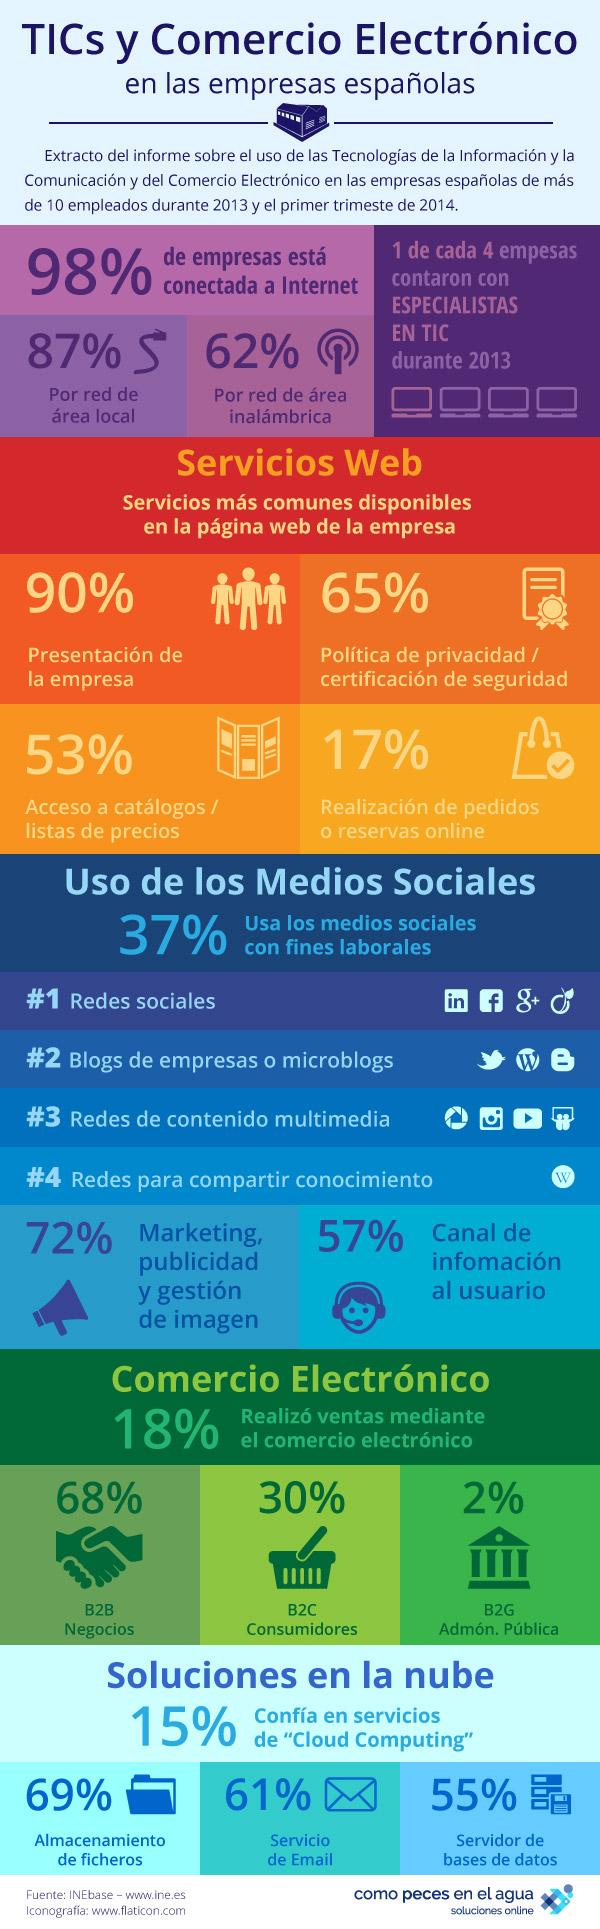 TIC's y comercio electrónico en las empresas españolas